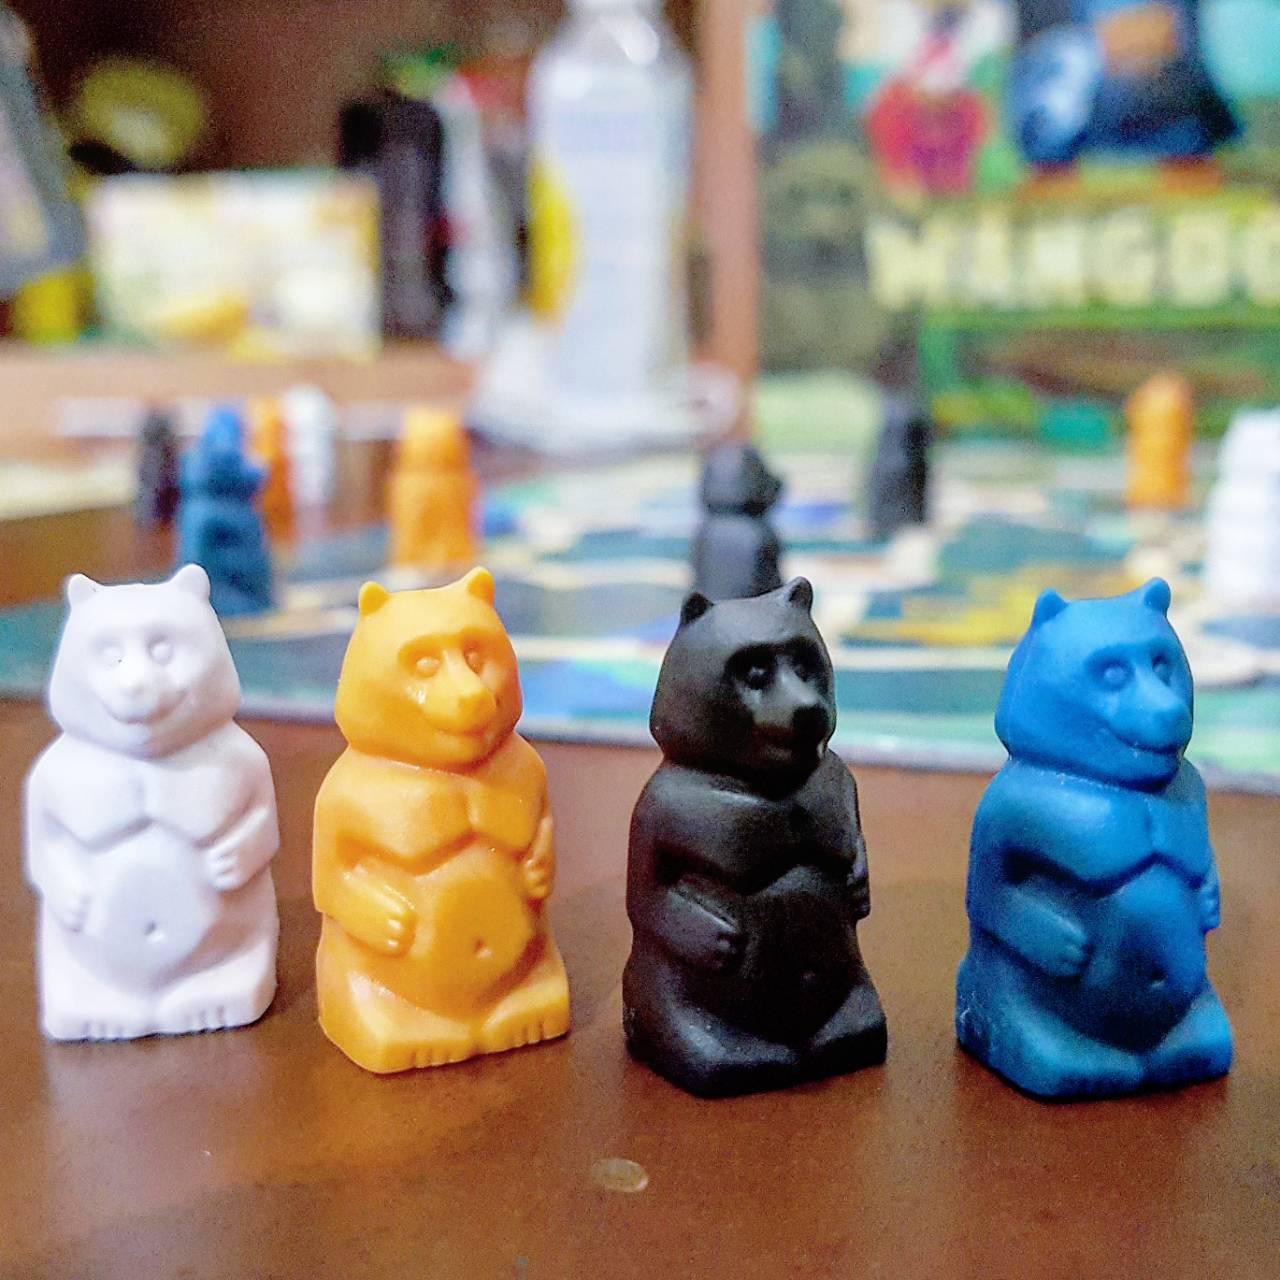 Wangdo: The Bear Kingdom Needs a King [Review]